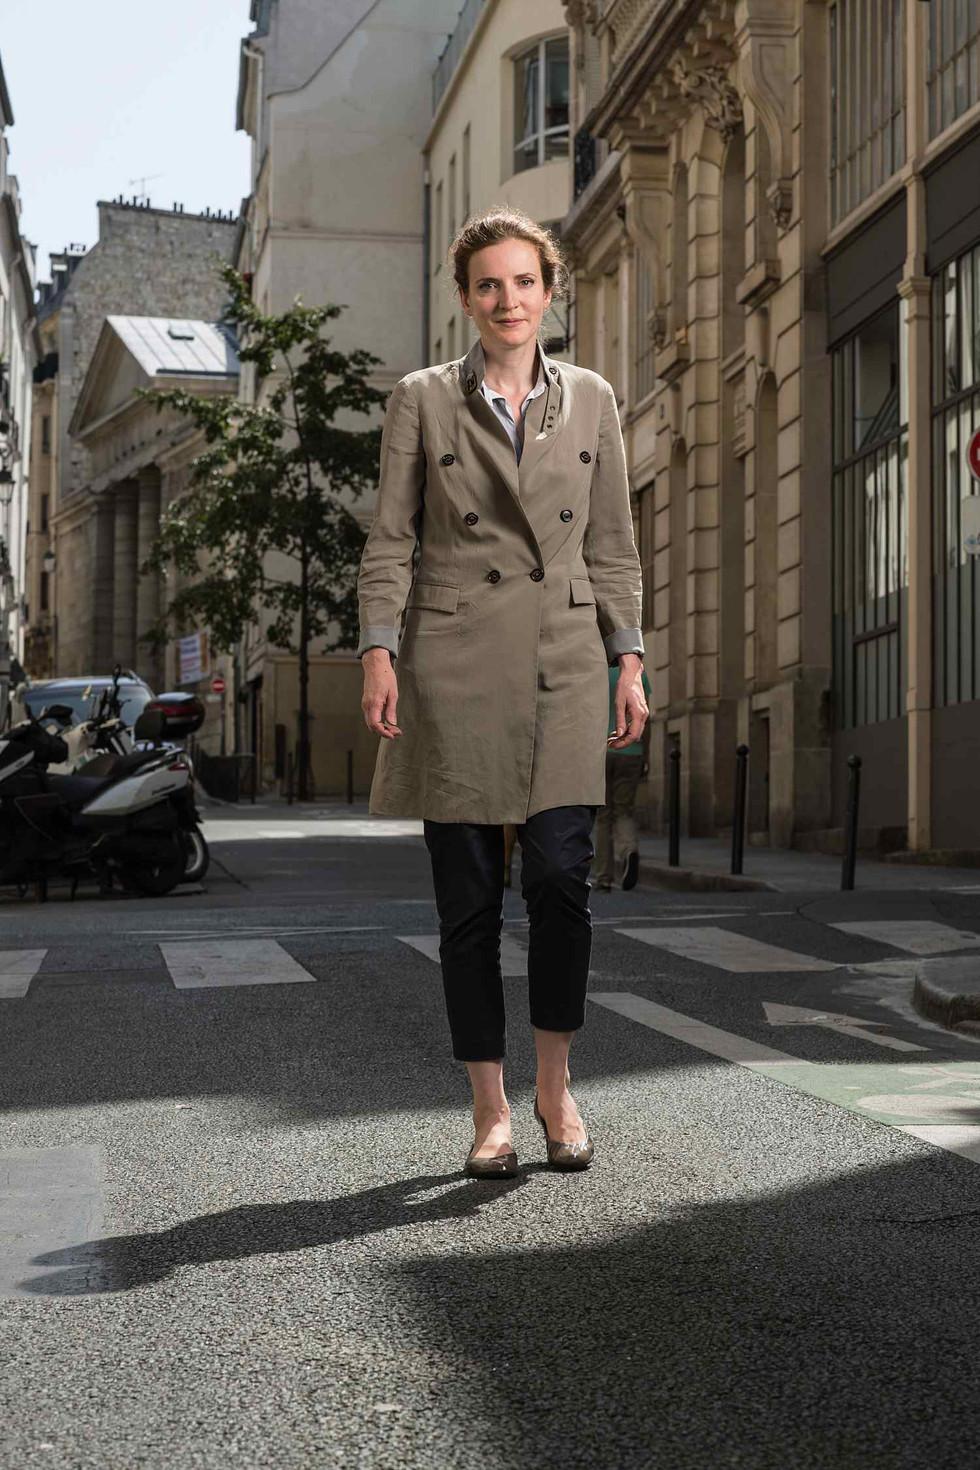 Nathalie Kosciusko-Morizet, Paris, 2014